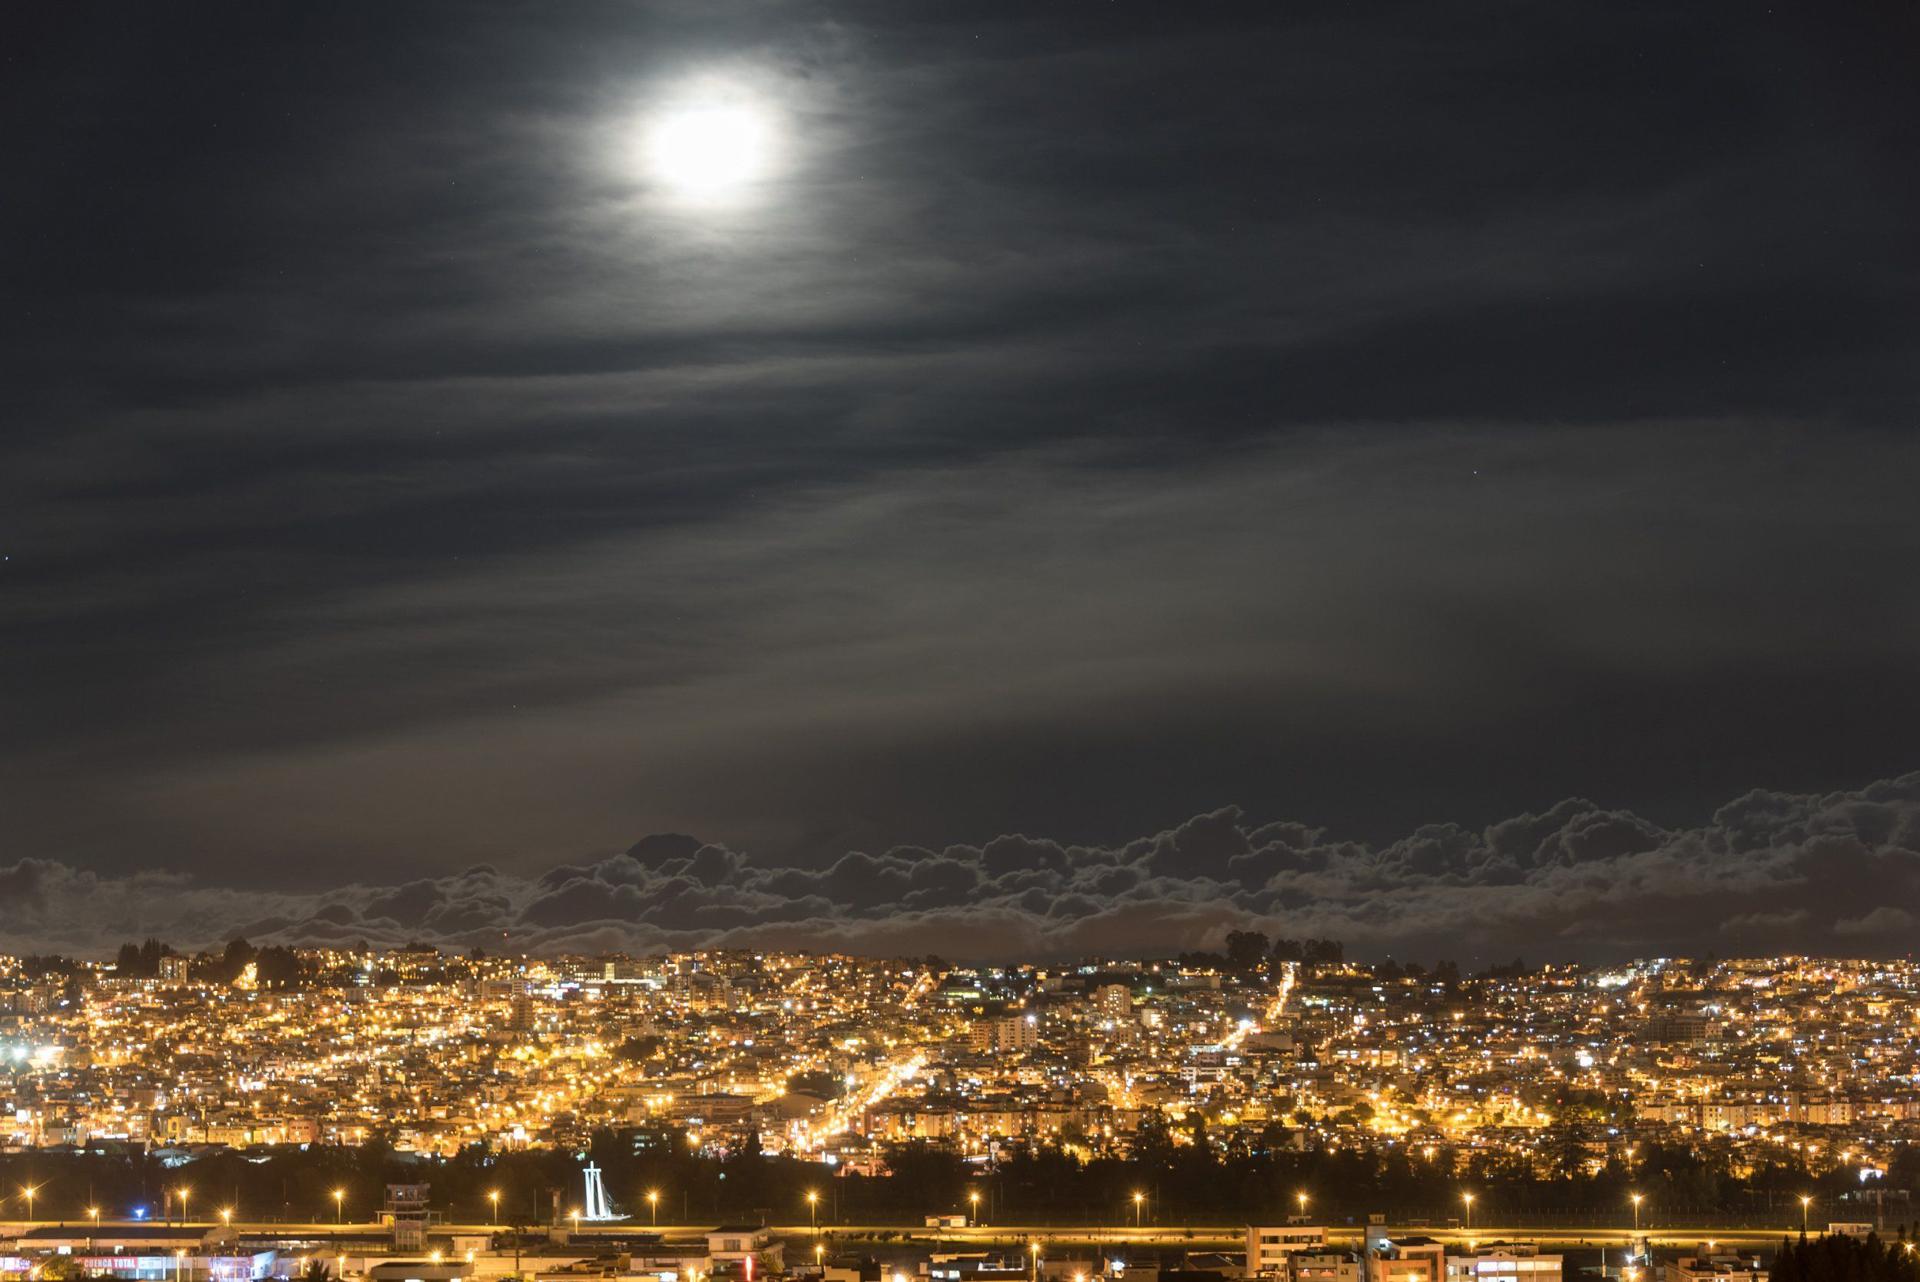 La superluna desde miles de metros de altura